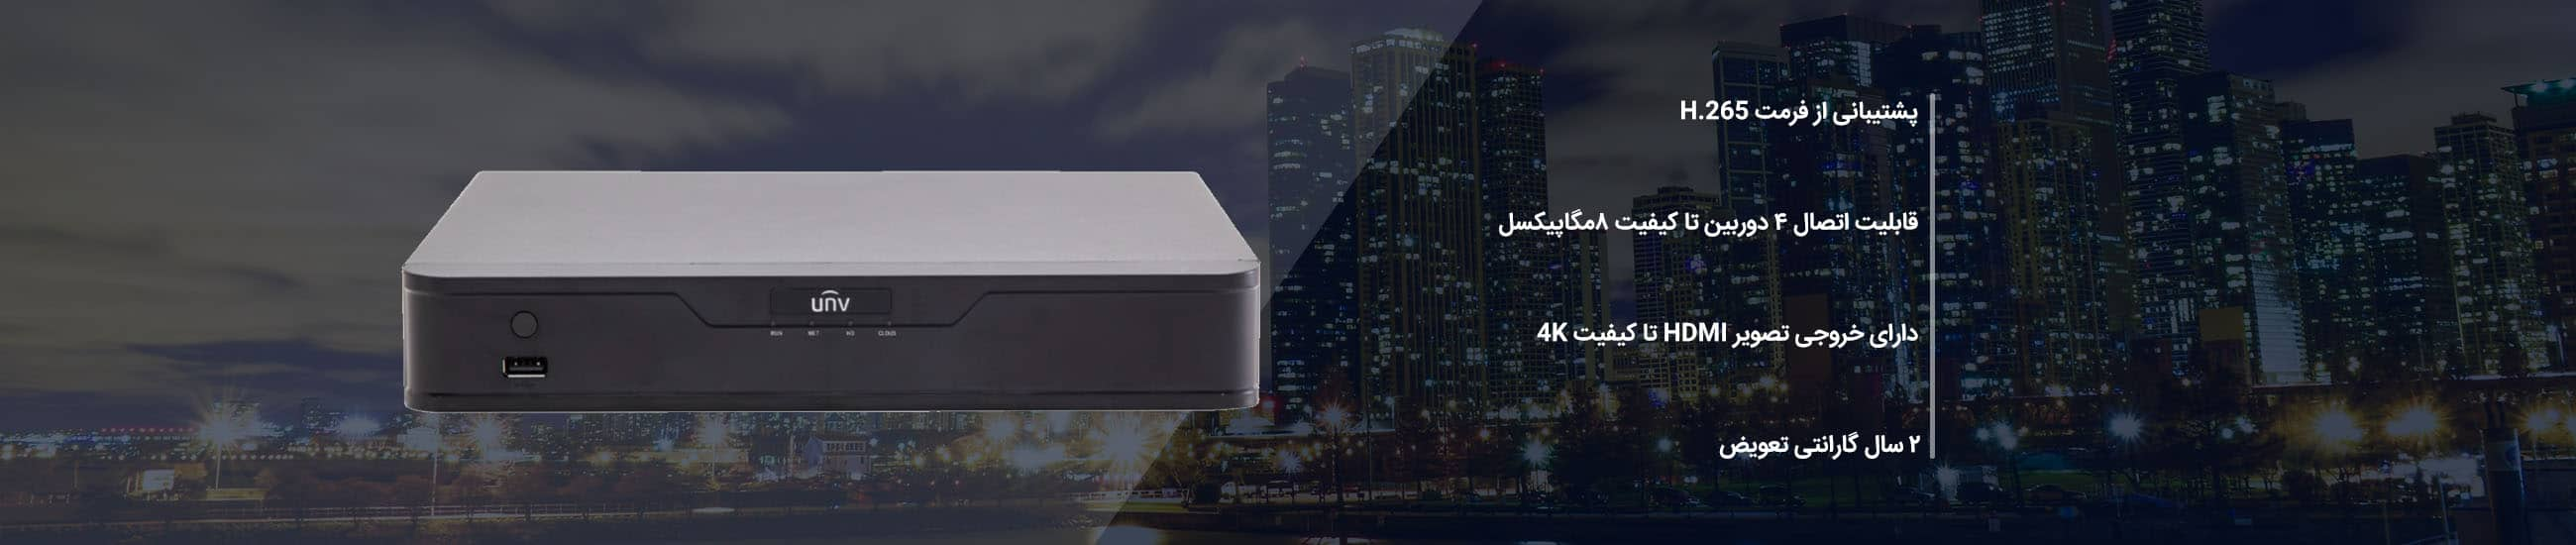 دستگاه ضبط تصویر تحت شبکه مدل NVR301-04E